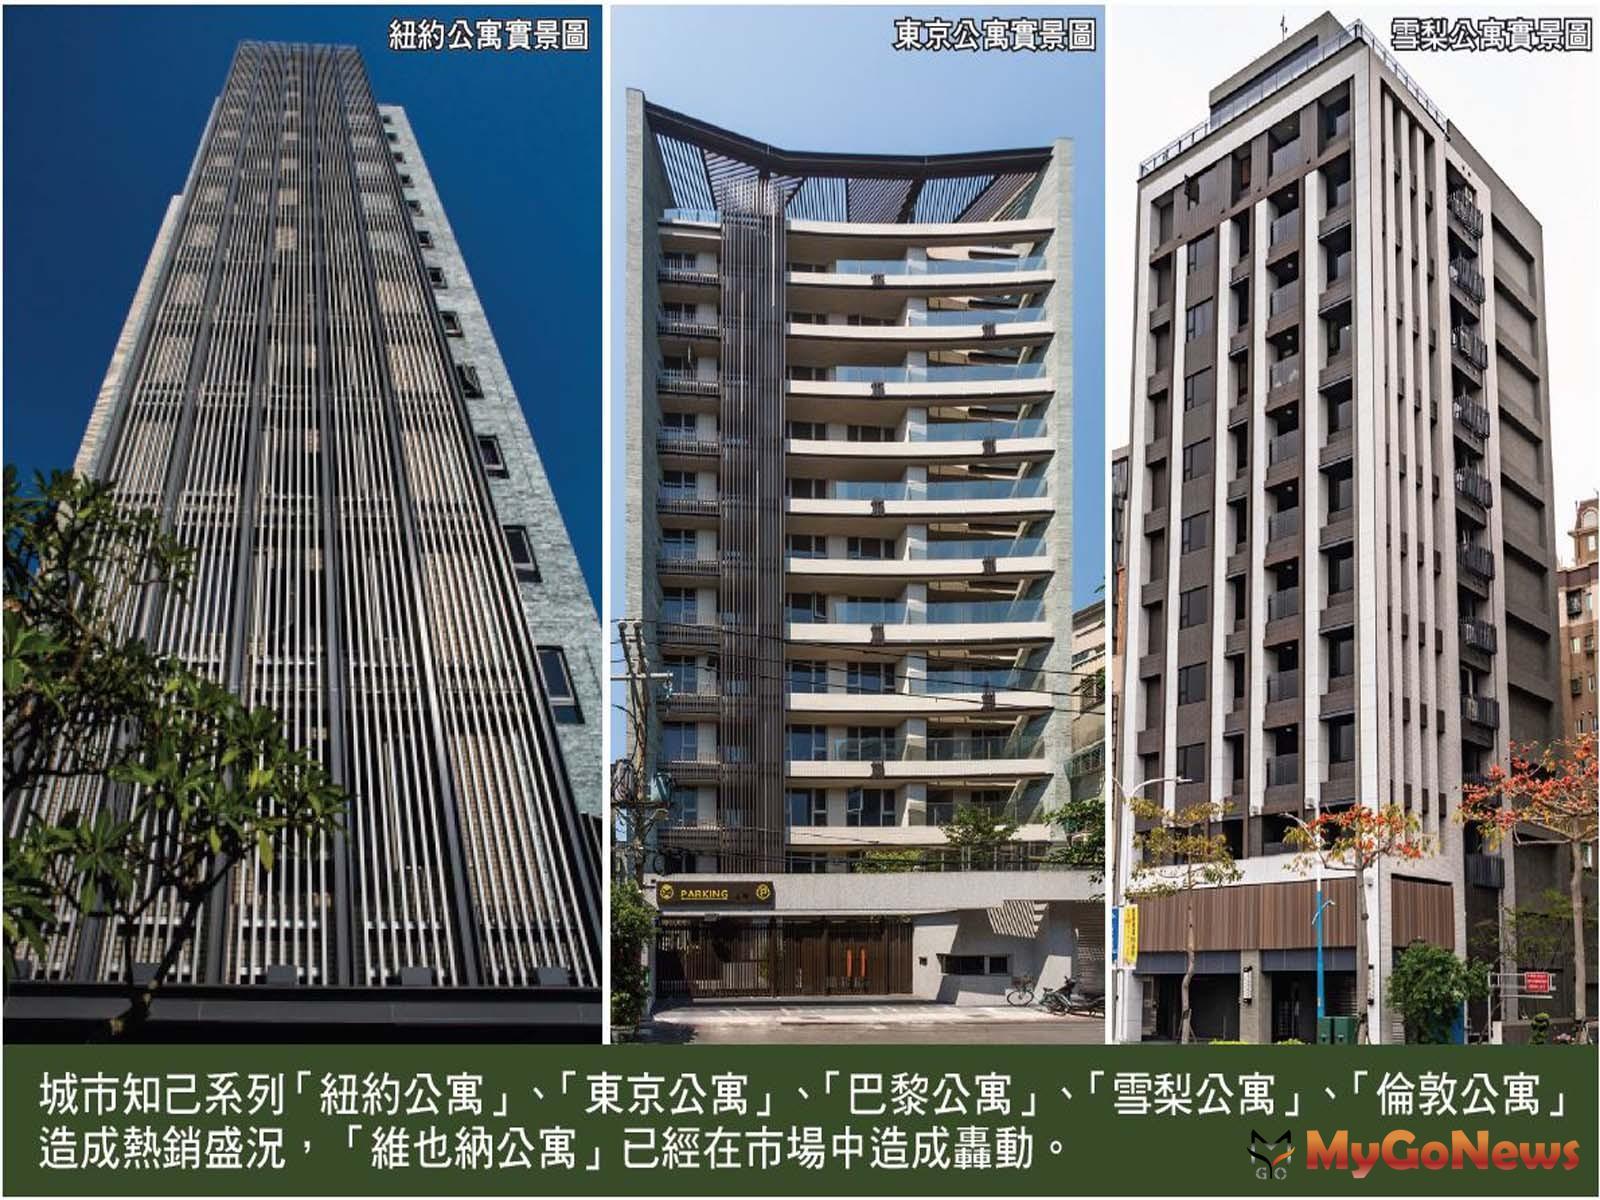 城市知己系列「紐約公寓」、「東京公寓」、「巴黎公寓」、「雪梨公寓」、「倫敦公寓」造成熱銷盛況,「維也納公寓」已經在市場中造成轟動。 MyGoNews房地產新聞 專題報導